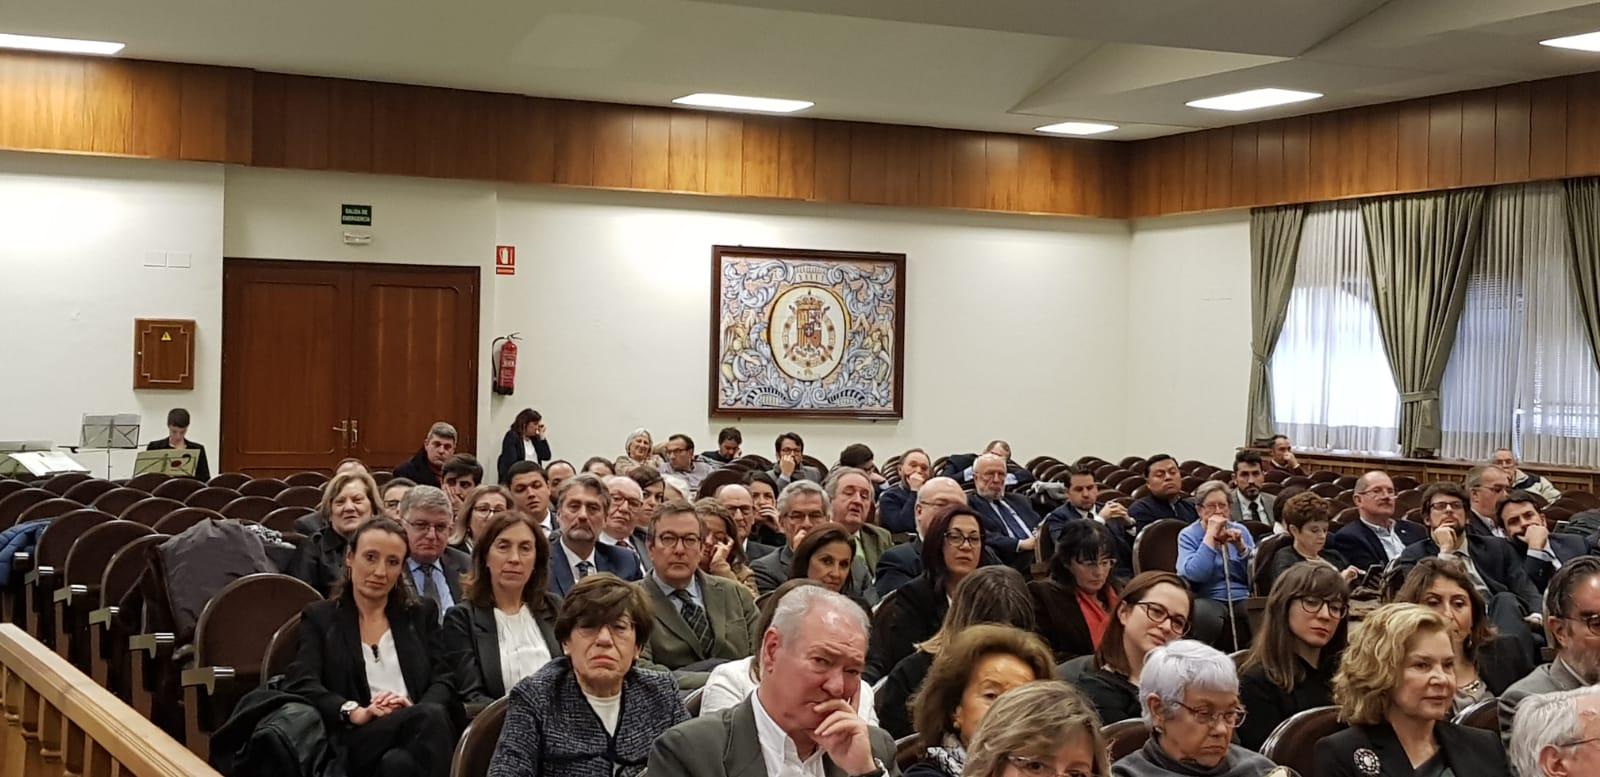 18-12-18 investid DL UniLeon 58 lectio doct publico